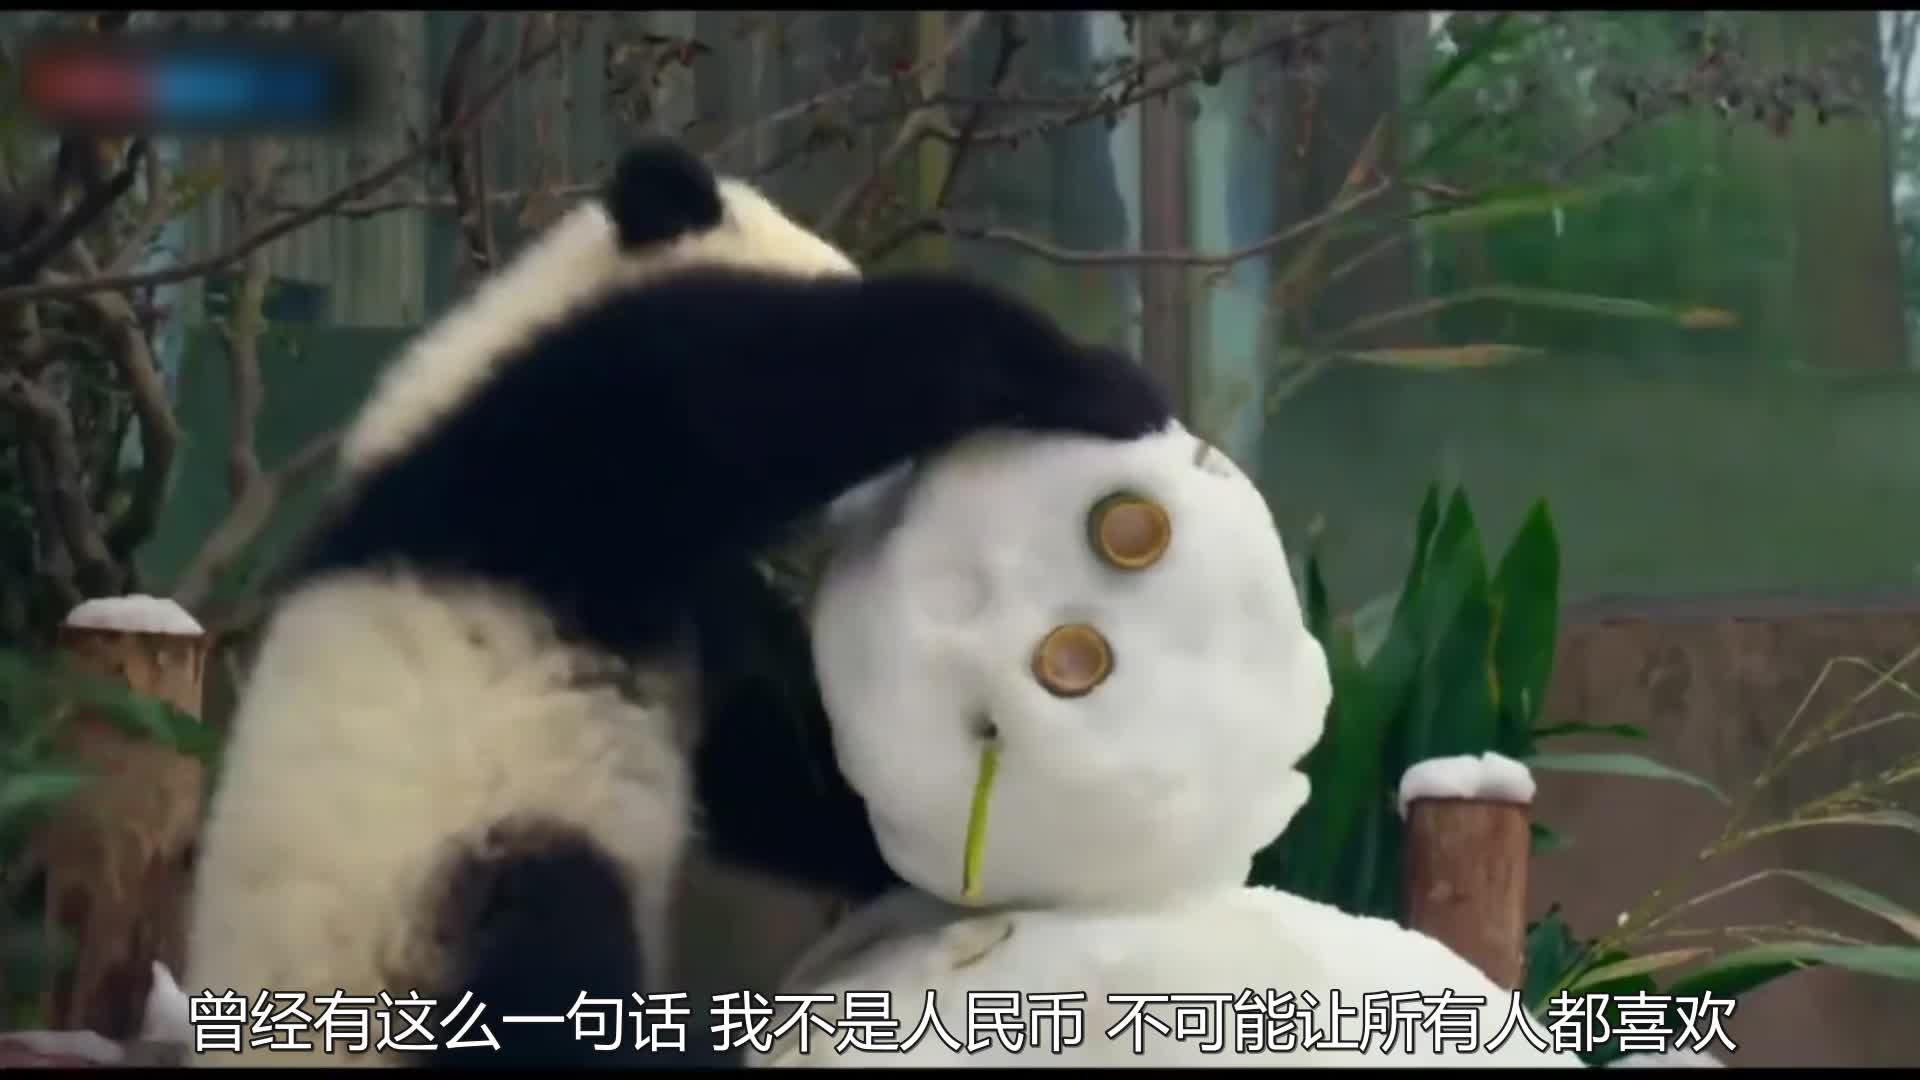 竹子哪里都有,可熊猫基地为啥建在四川?只因四川下手速度太快!